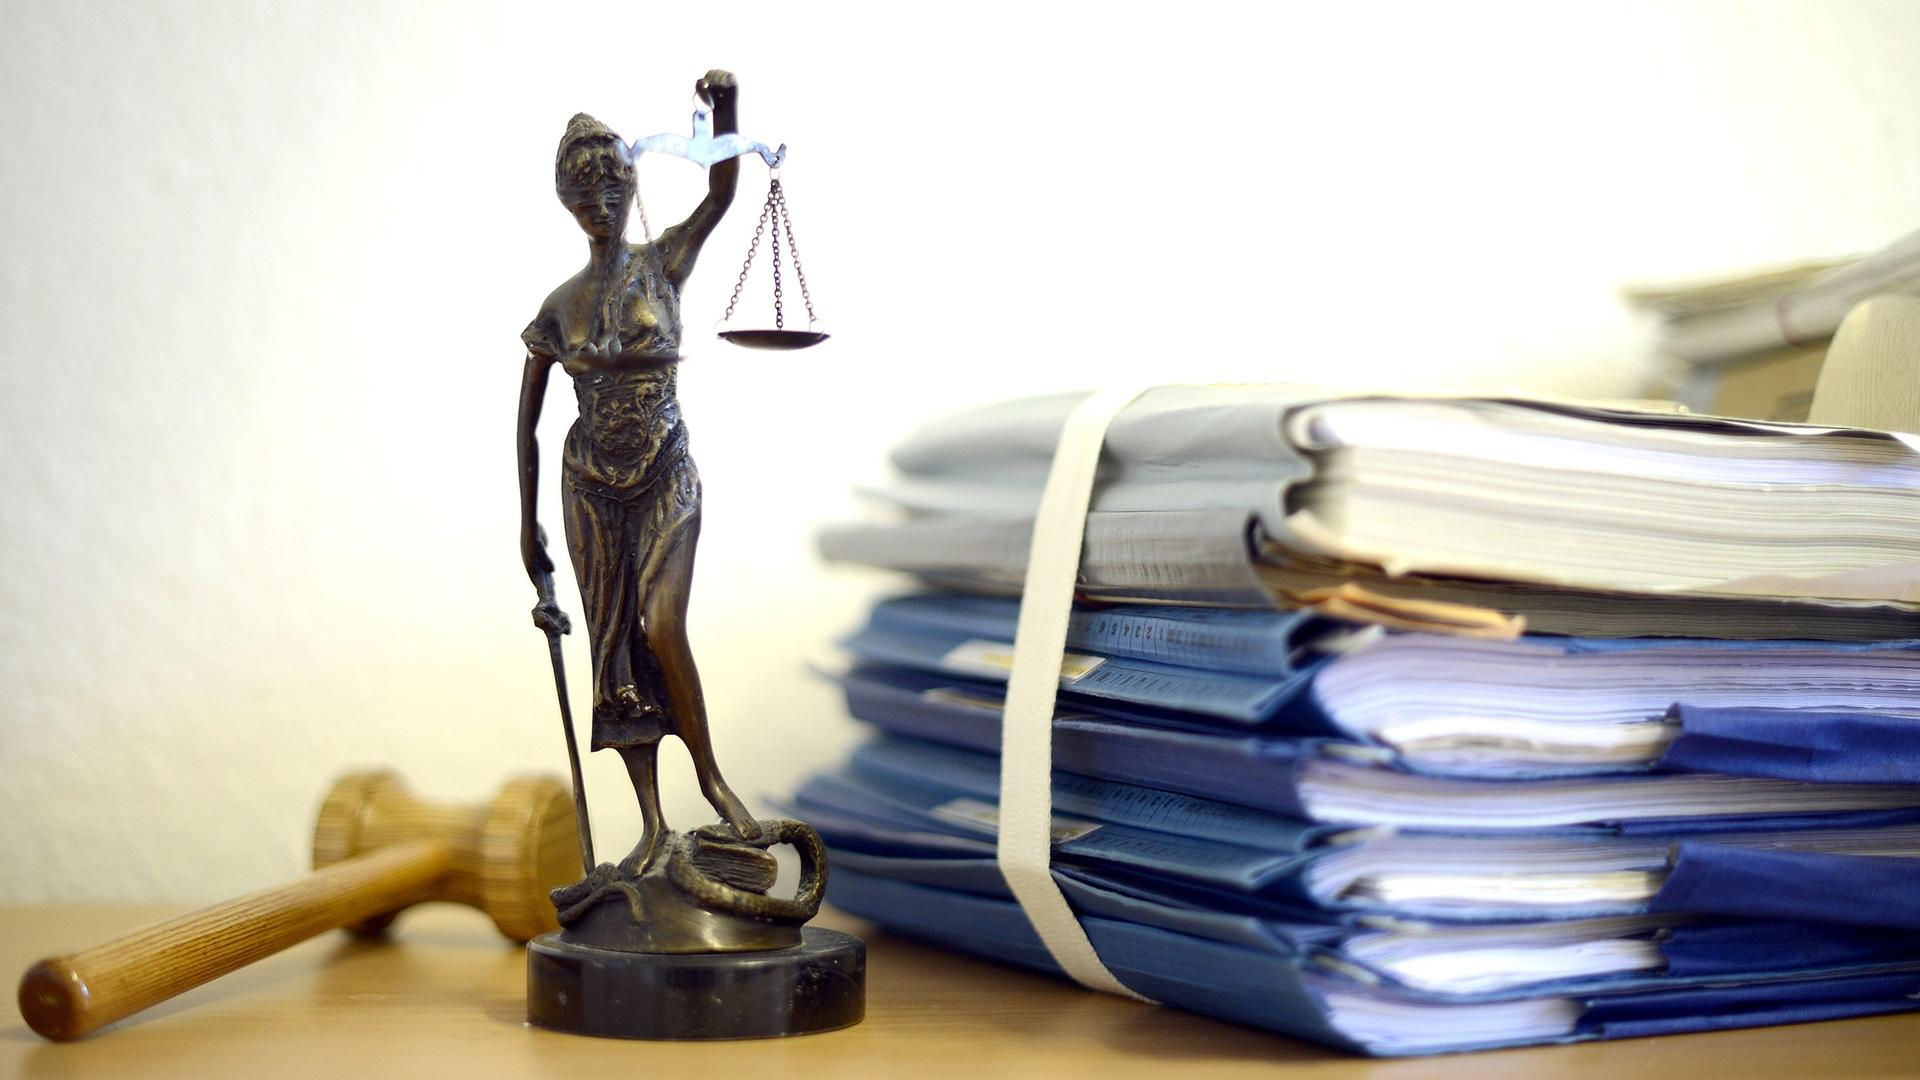 Musterfeststellungsklage Verband Klagt Verbraucher Profitiert